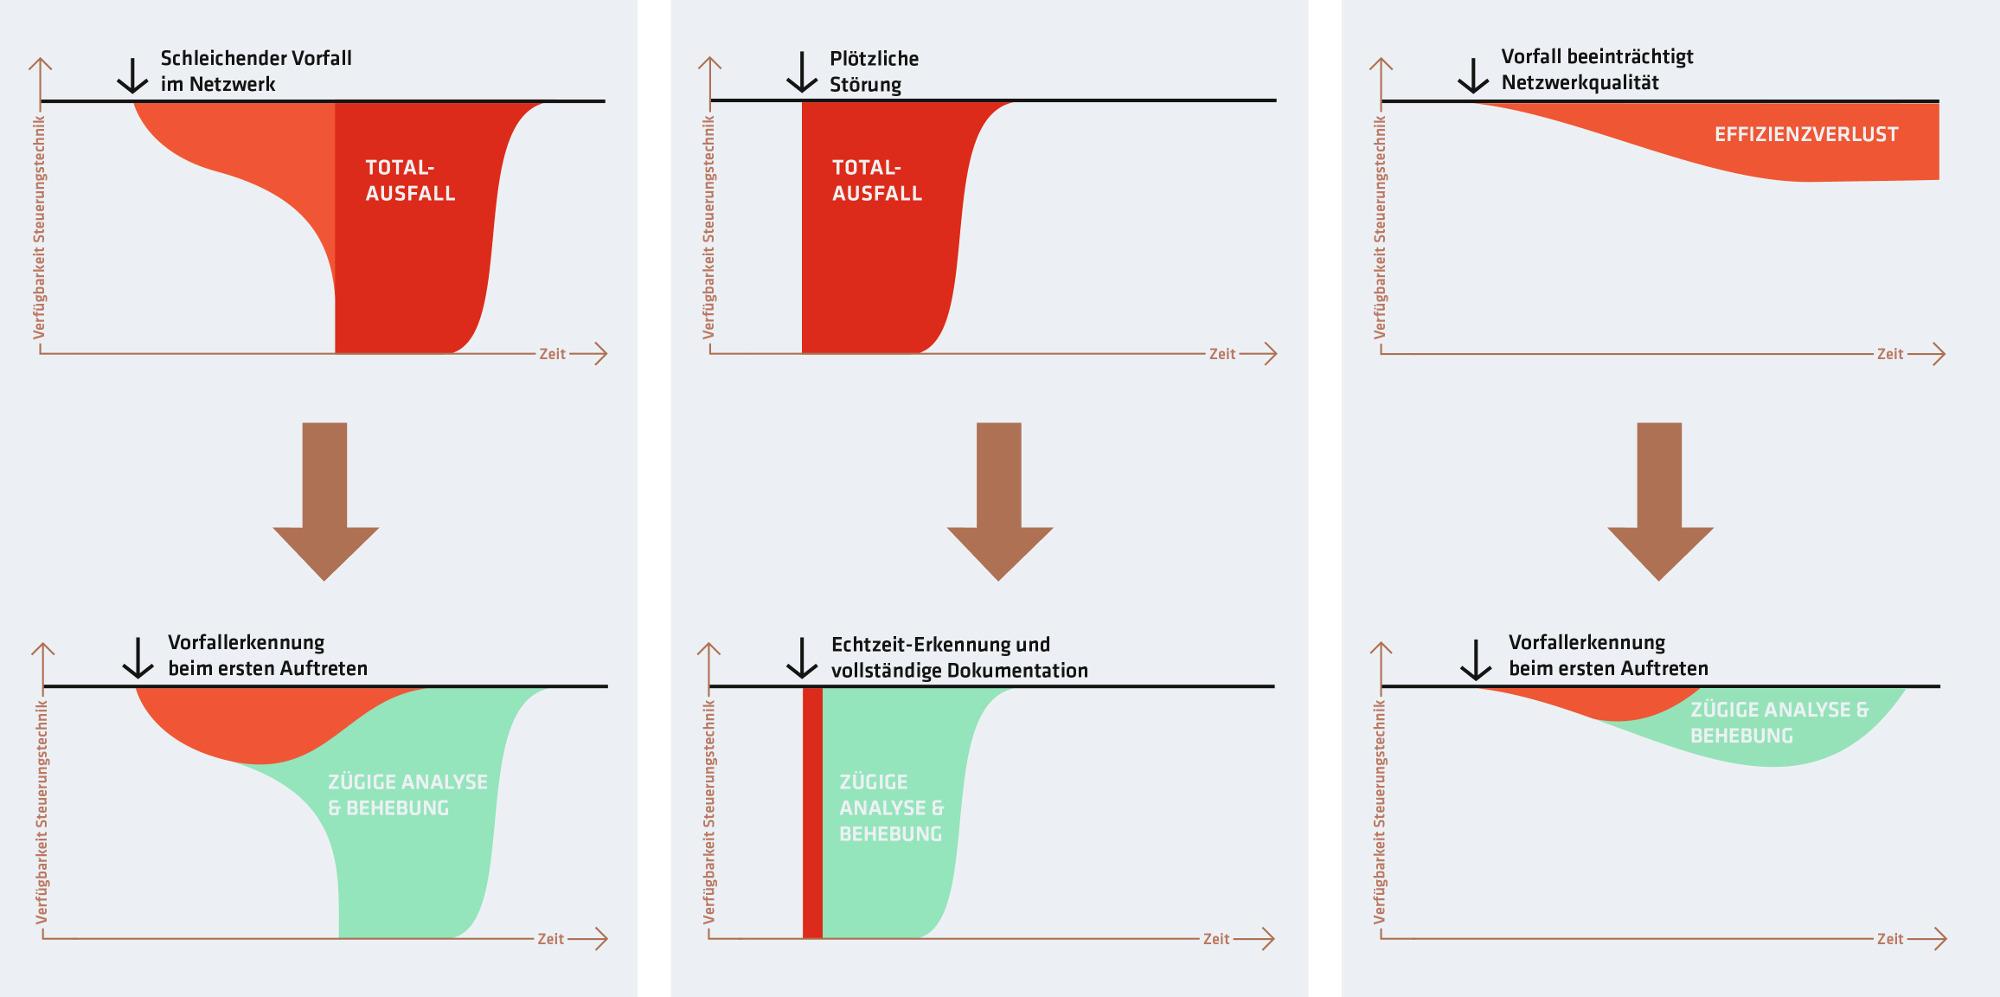 Grafiken zu Ausfallarten im Automatisierungsbereich. Vergleich von schleichendem Vorfall, über plötzliche Störung hin zu leichter, aber permanenter Störung mit Beeinträchtigung der Netzwerkqualität